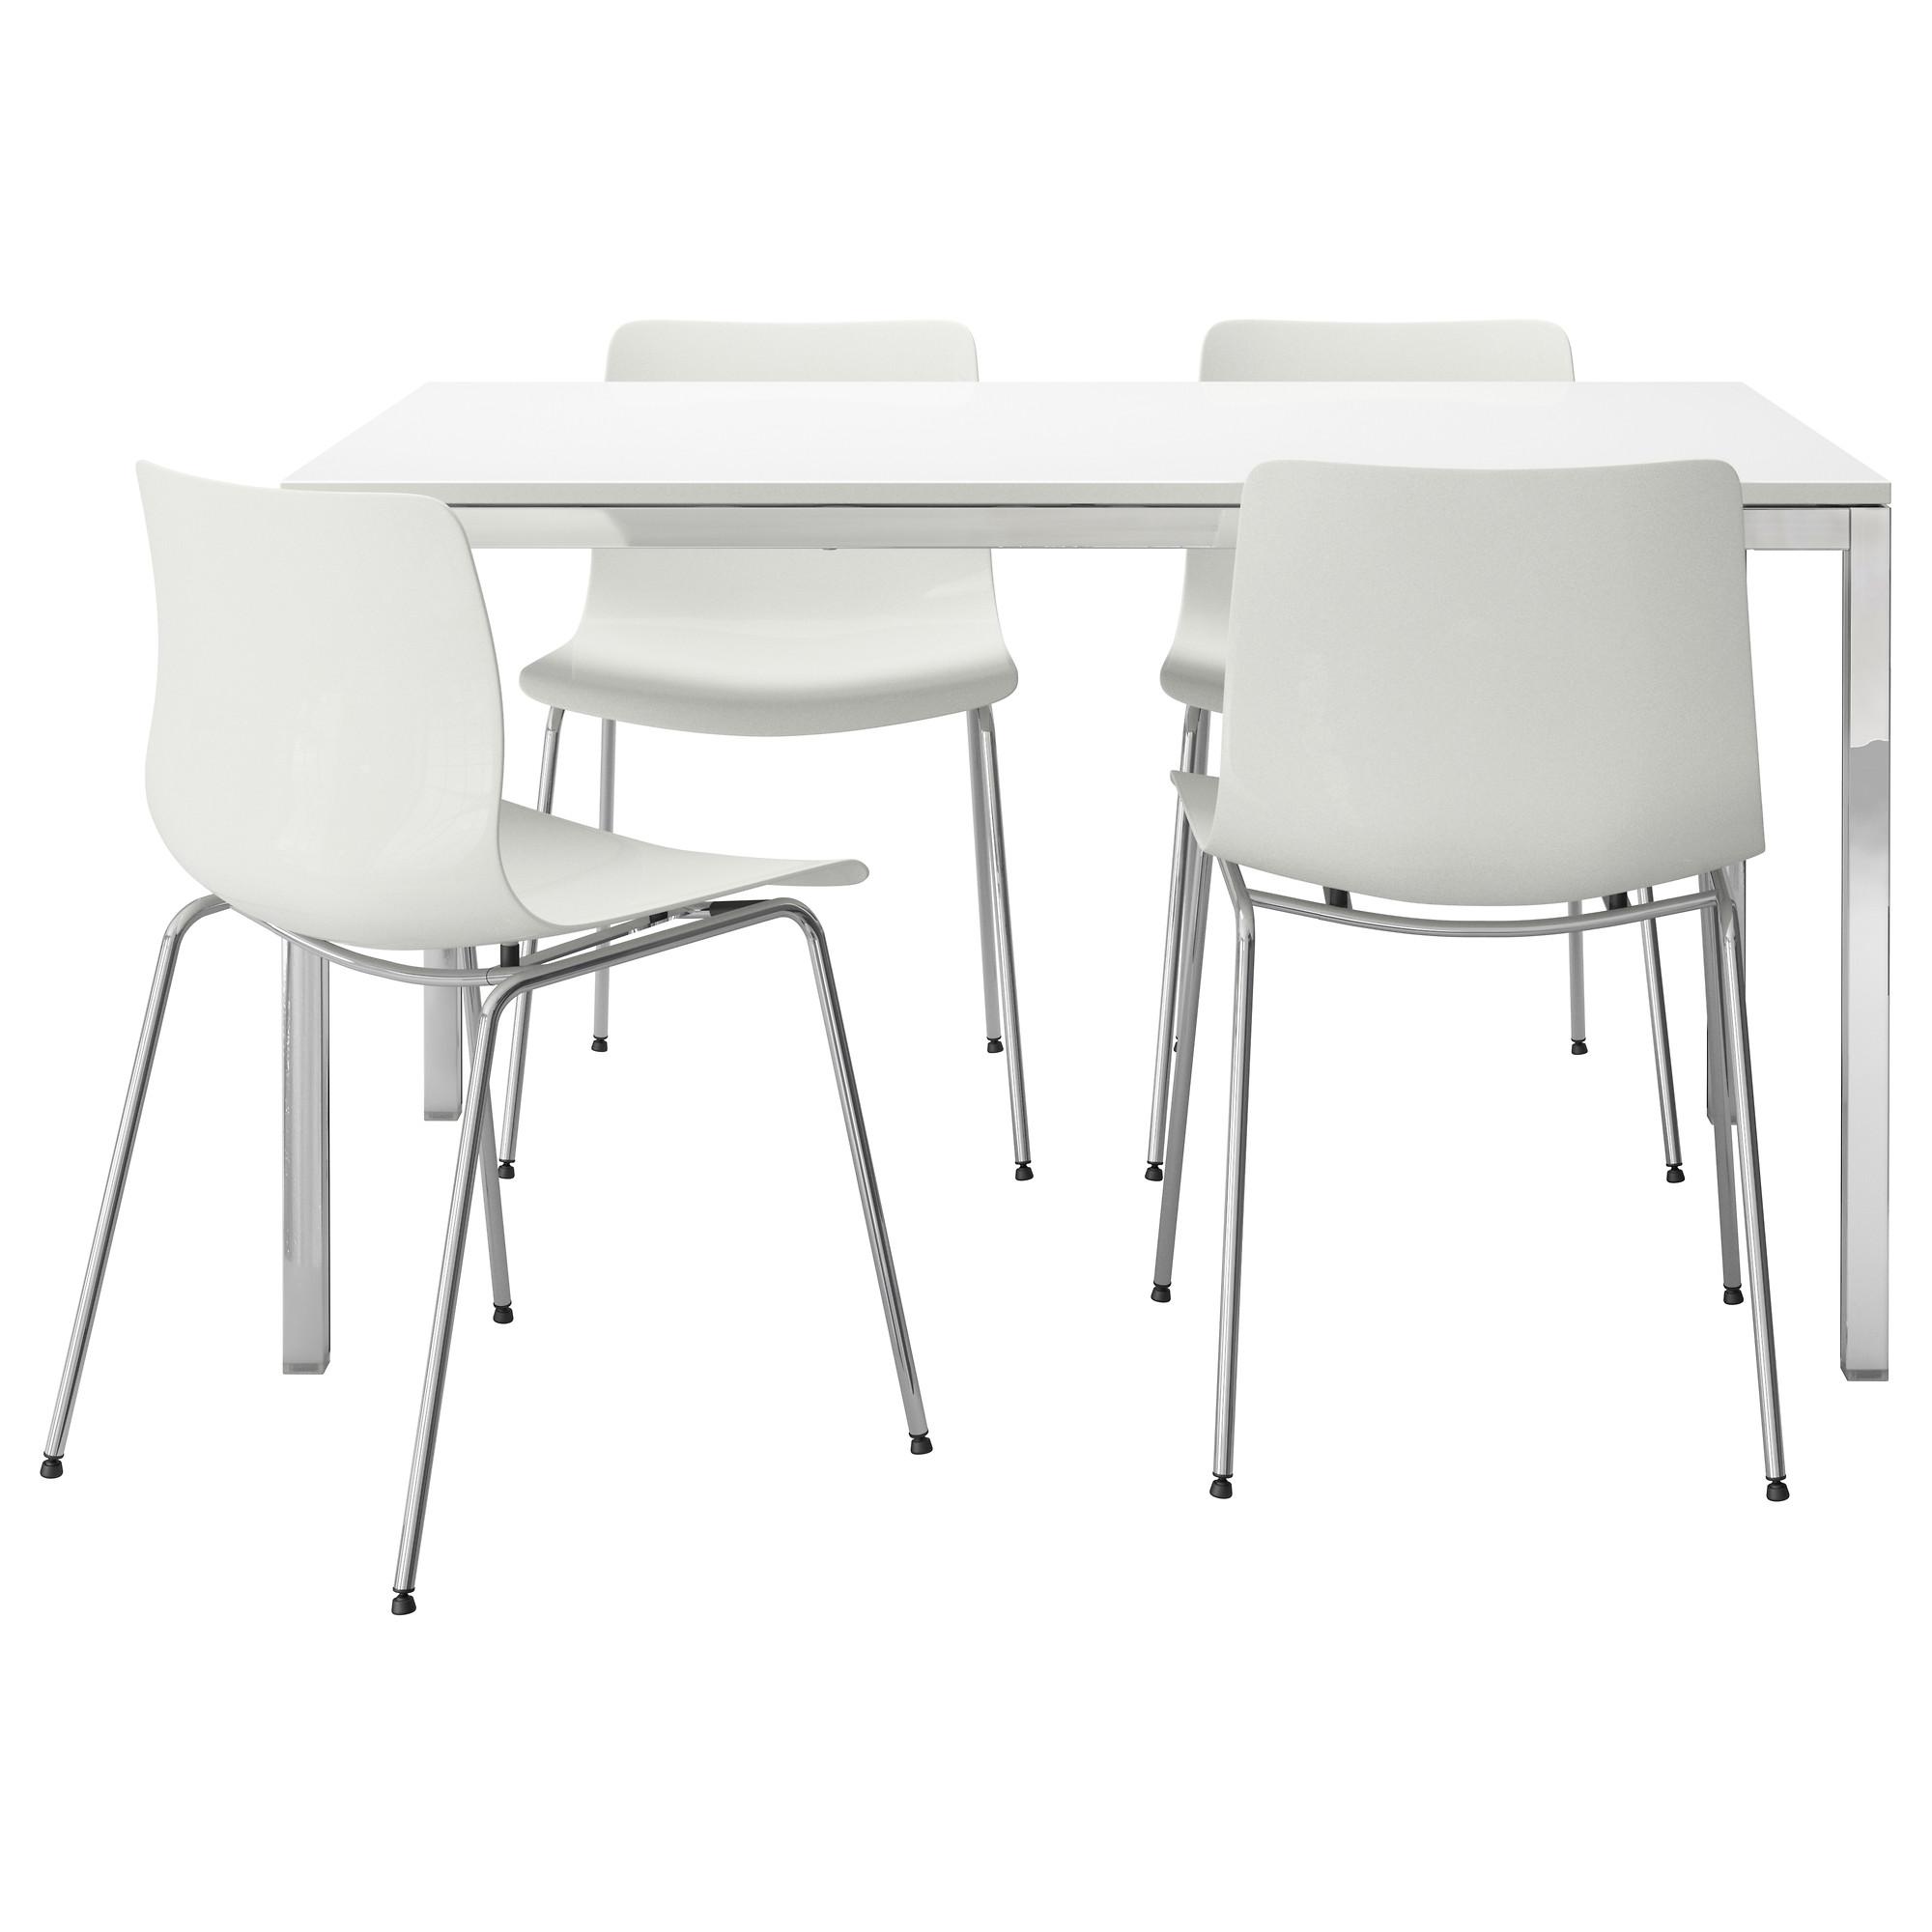 kitchen-chairs-ikea-photo-8